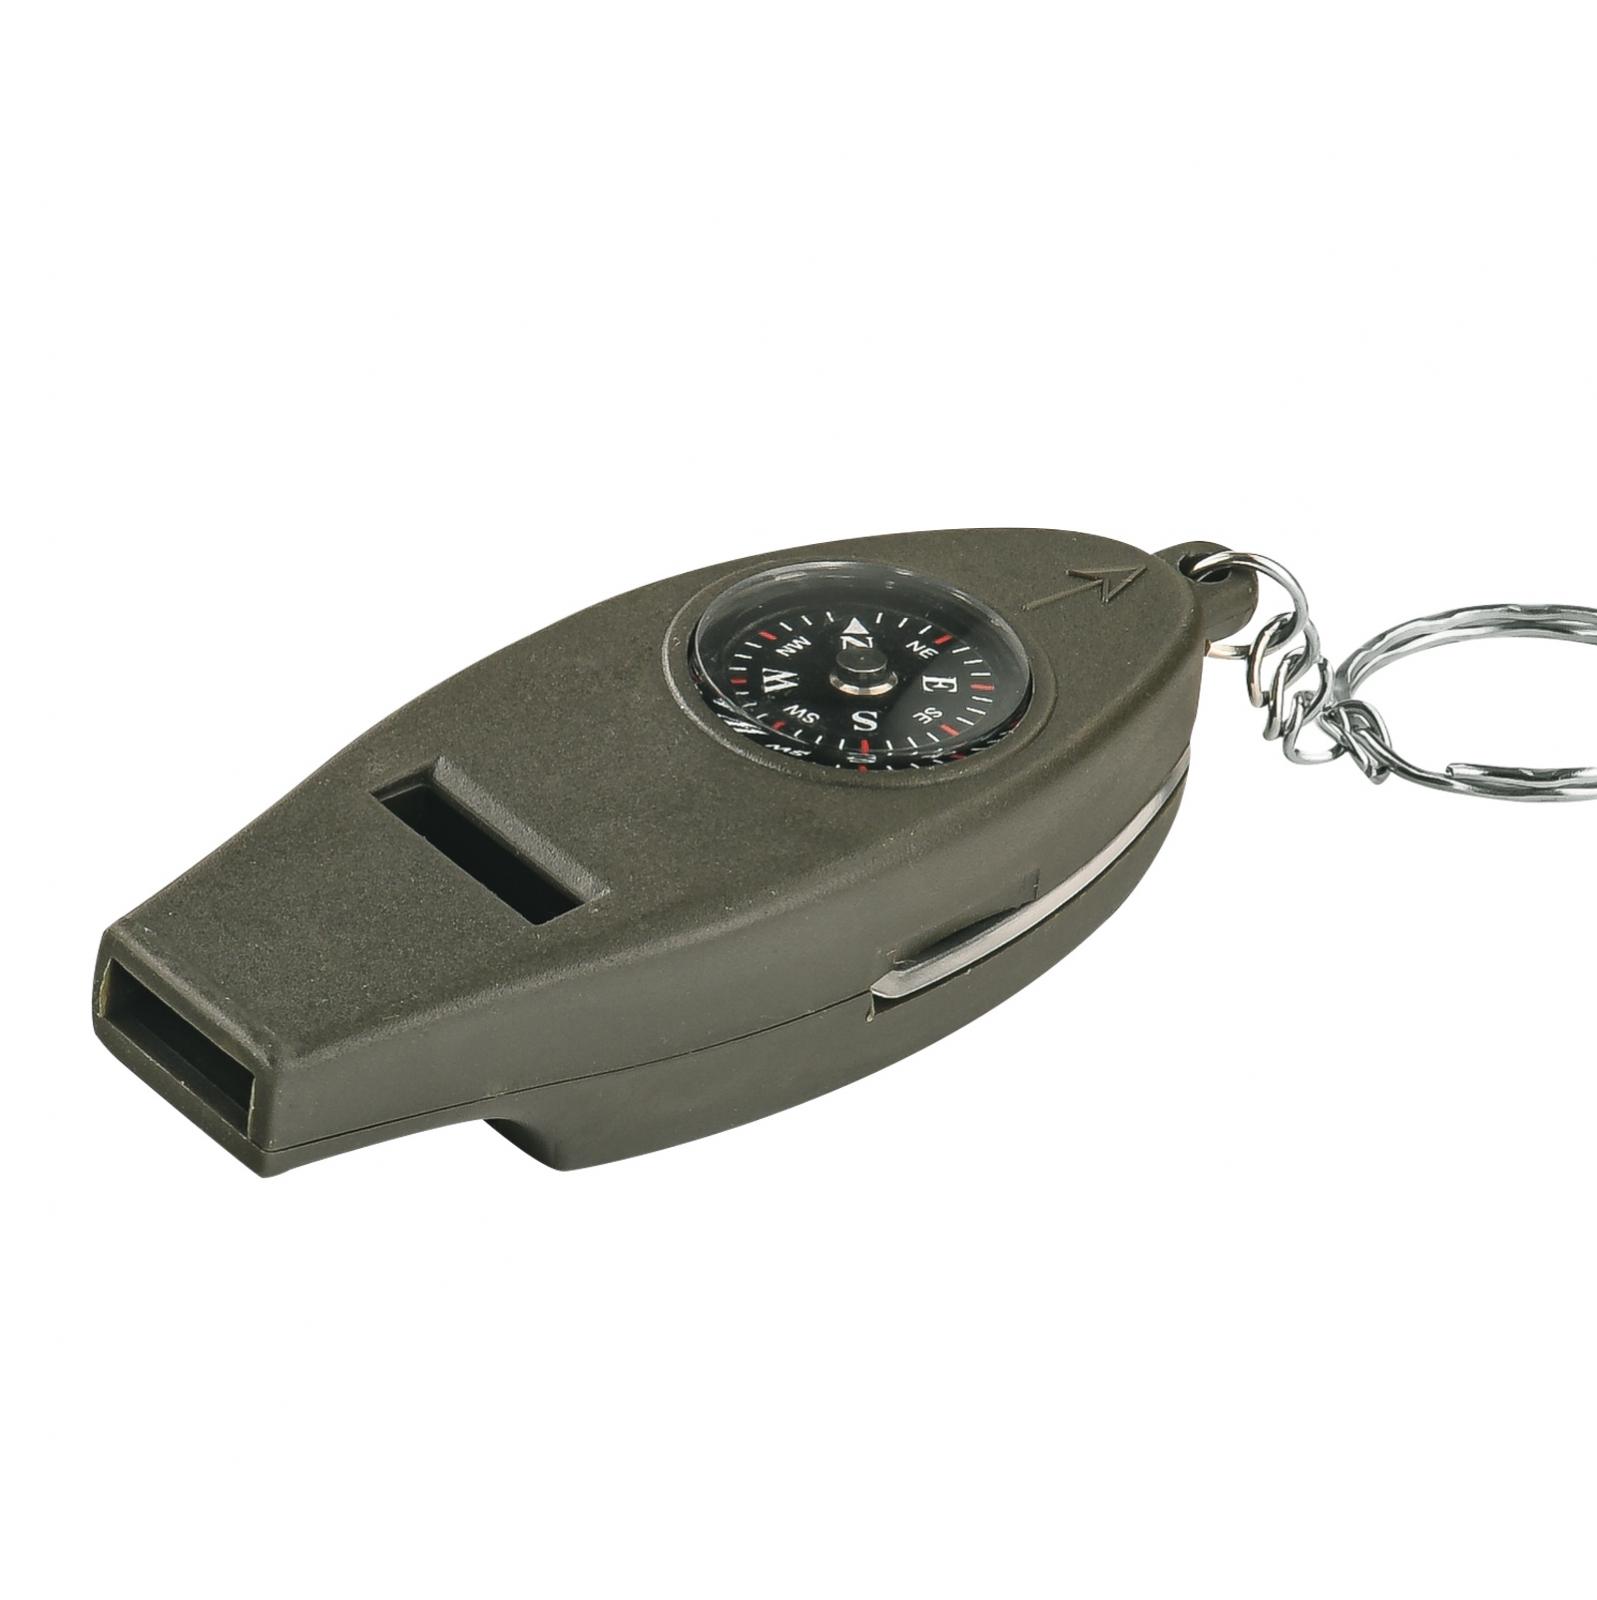 Инструмент выживальщика 4-в-1 (компас, свисток, термометр, лупа)